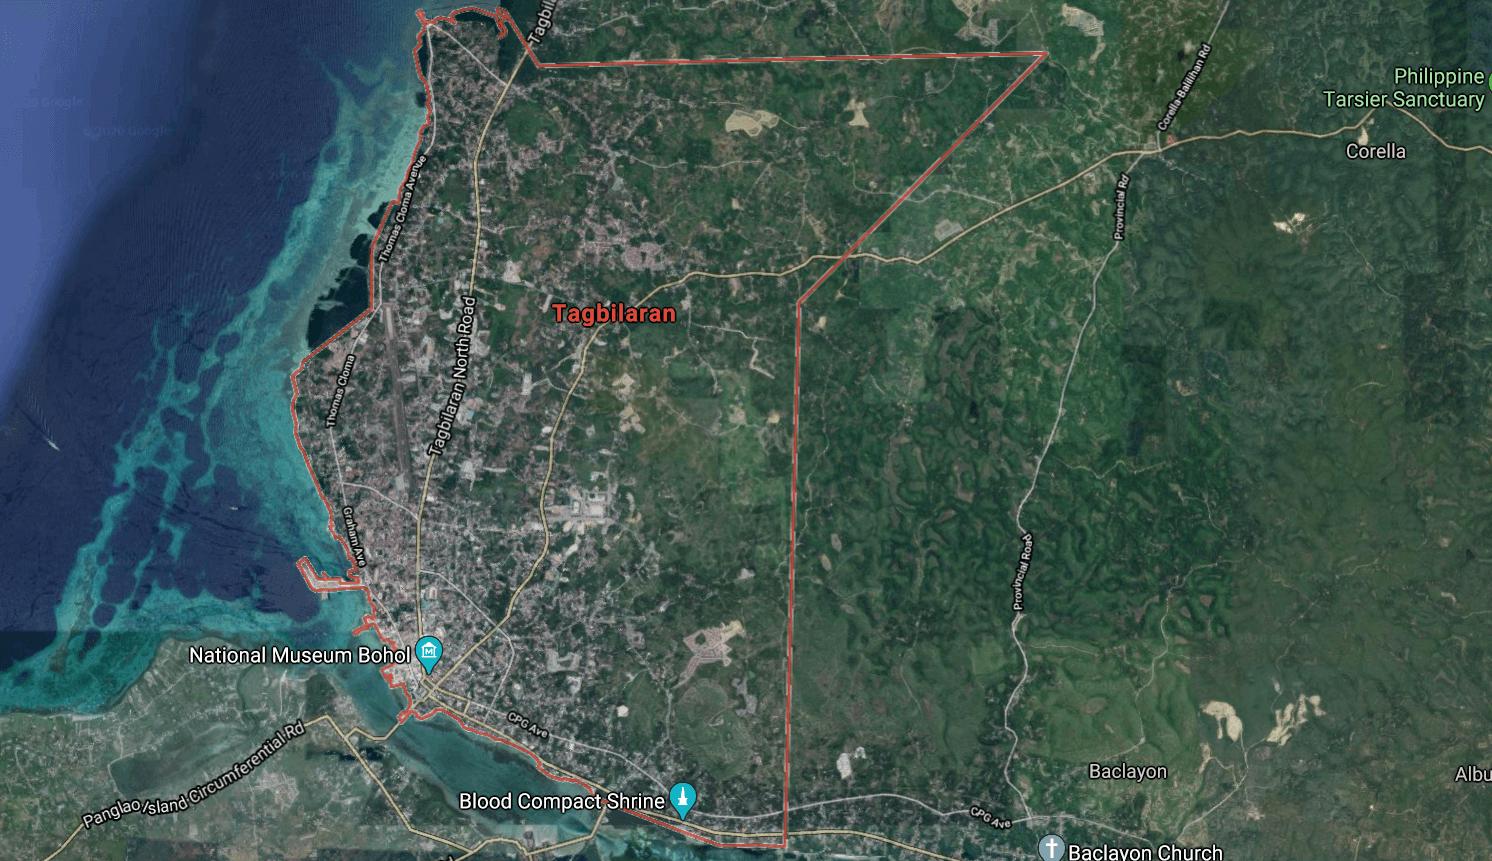 Mapa turístico de Tagbilaran